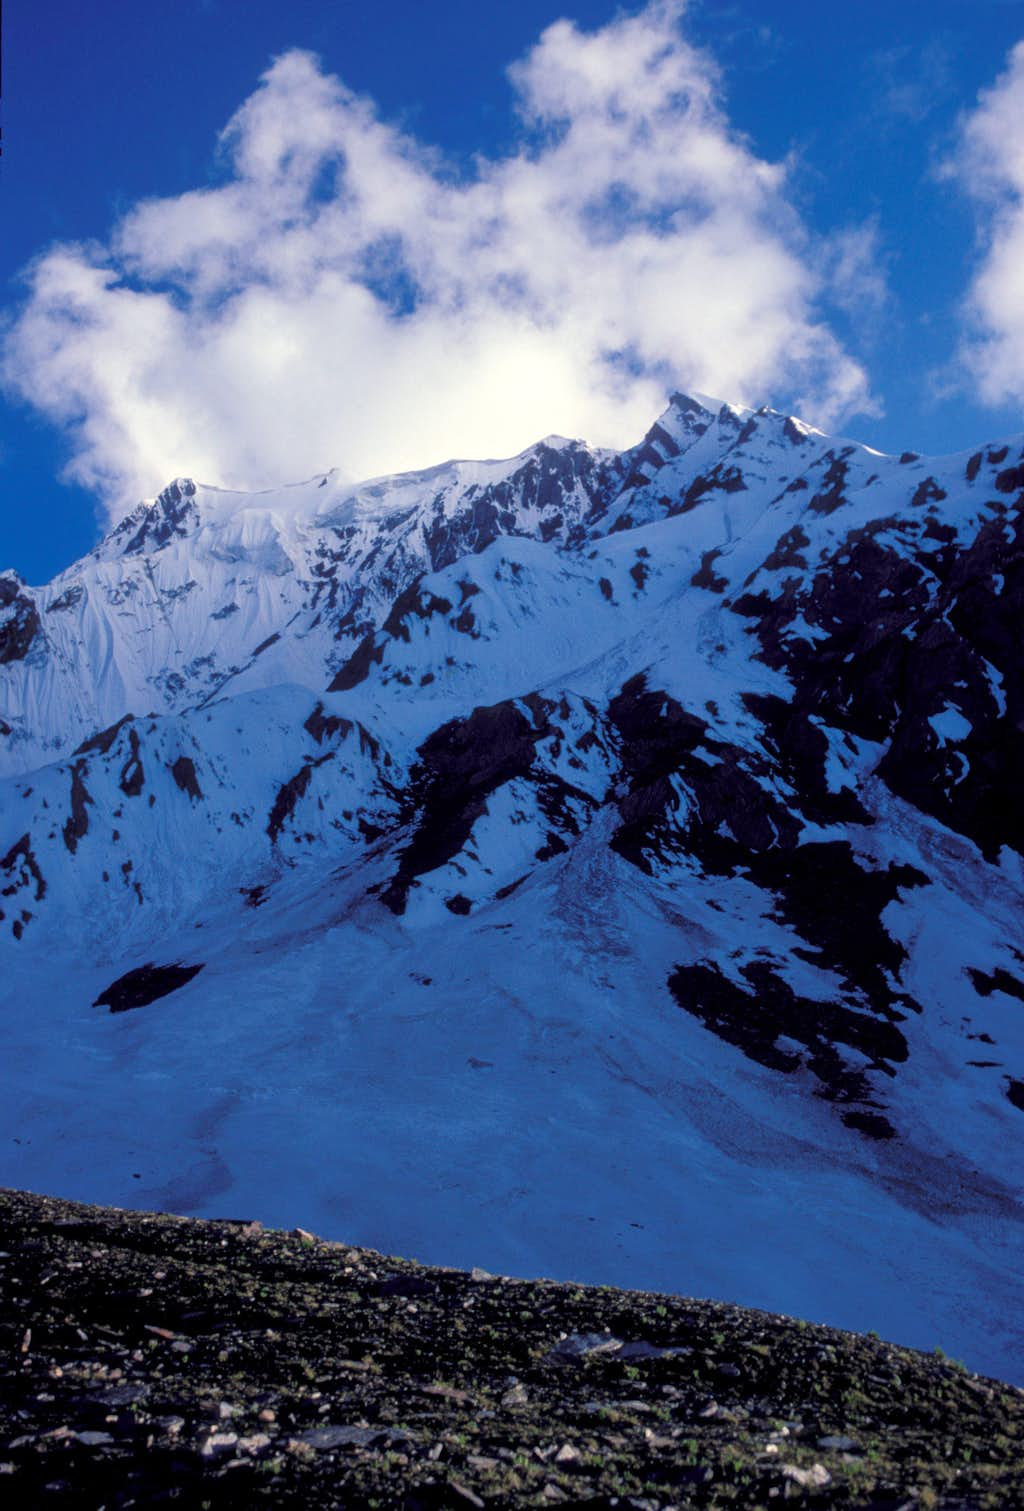 Shaltar Peak